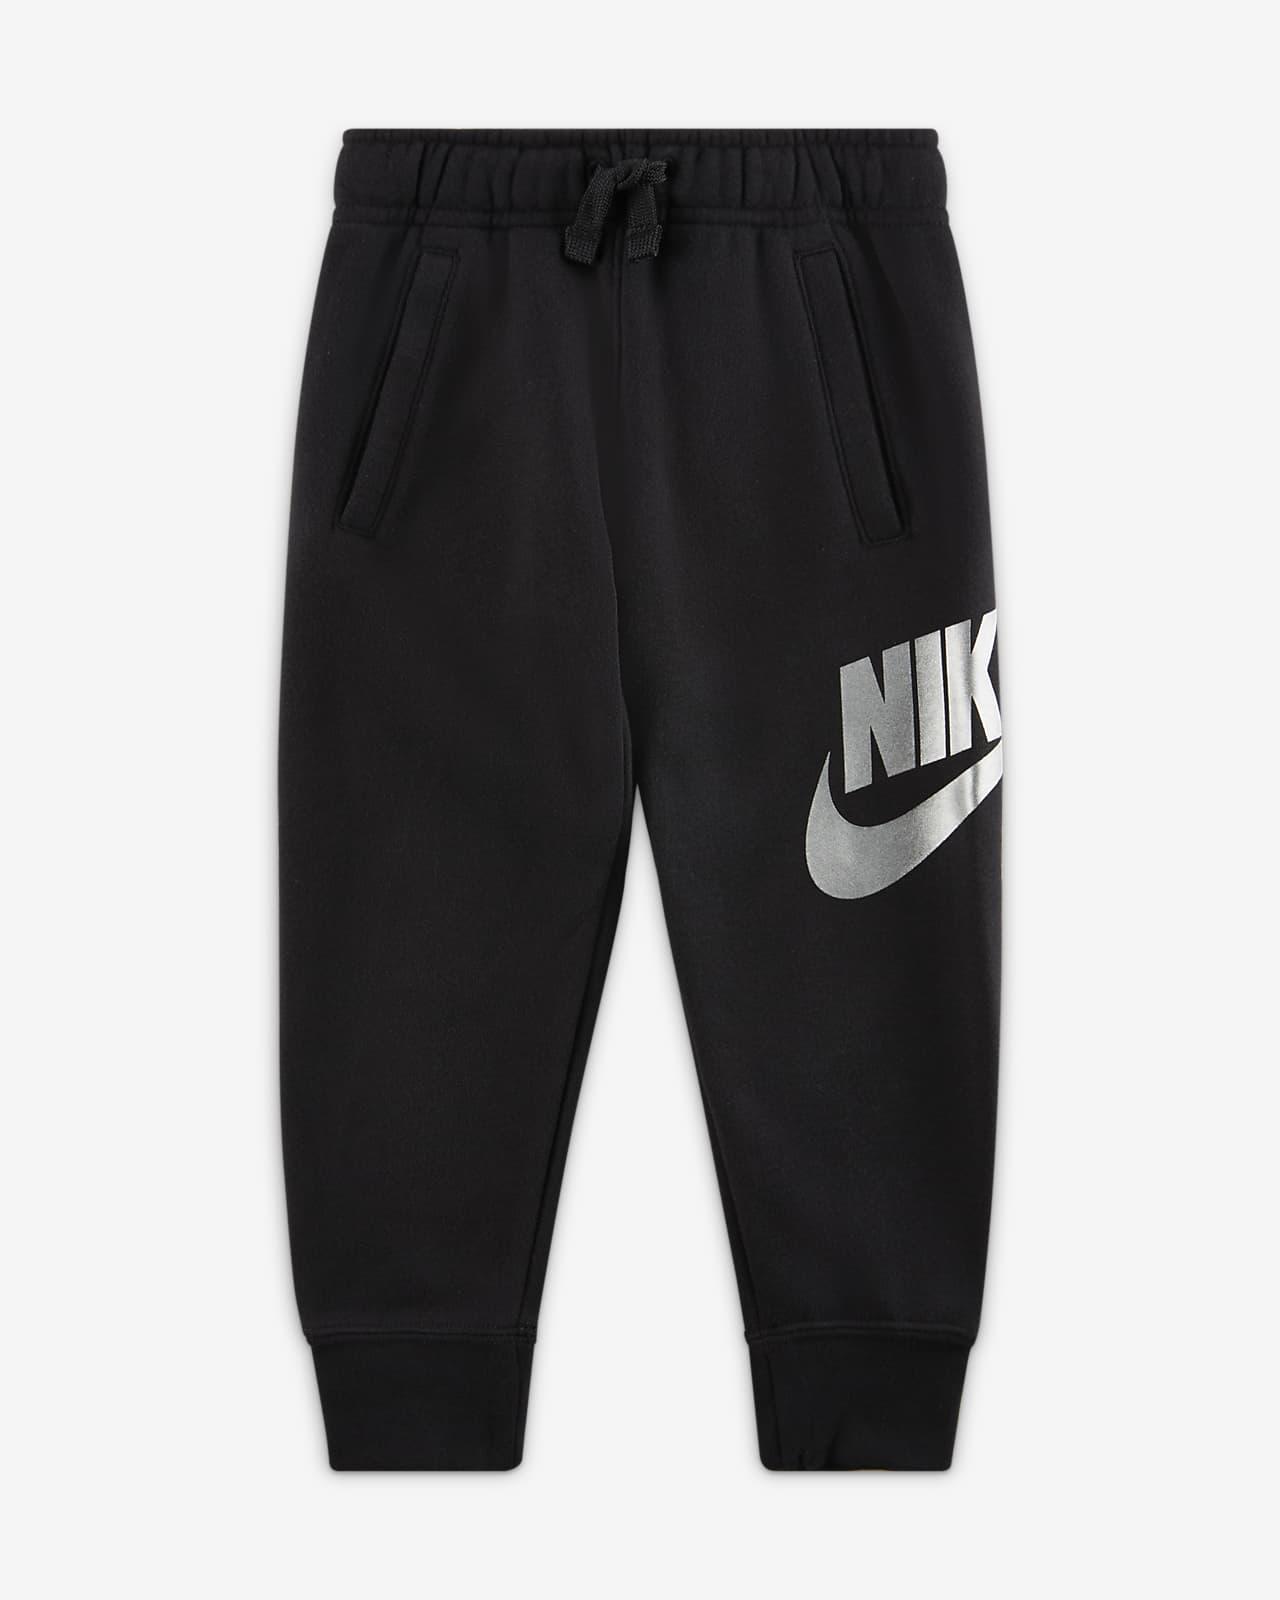 Nike Sportswear Club Fleece 幼童运动裤